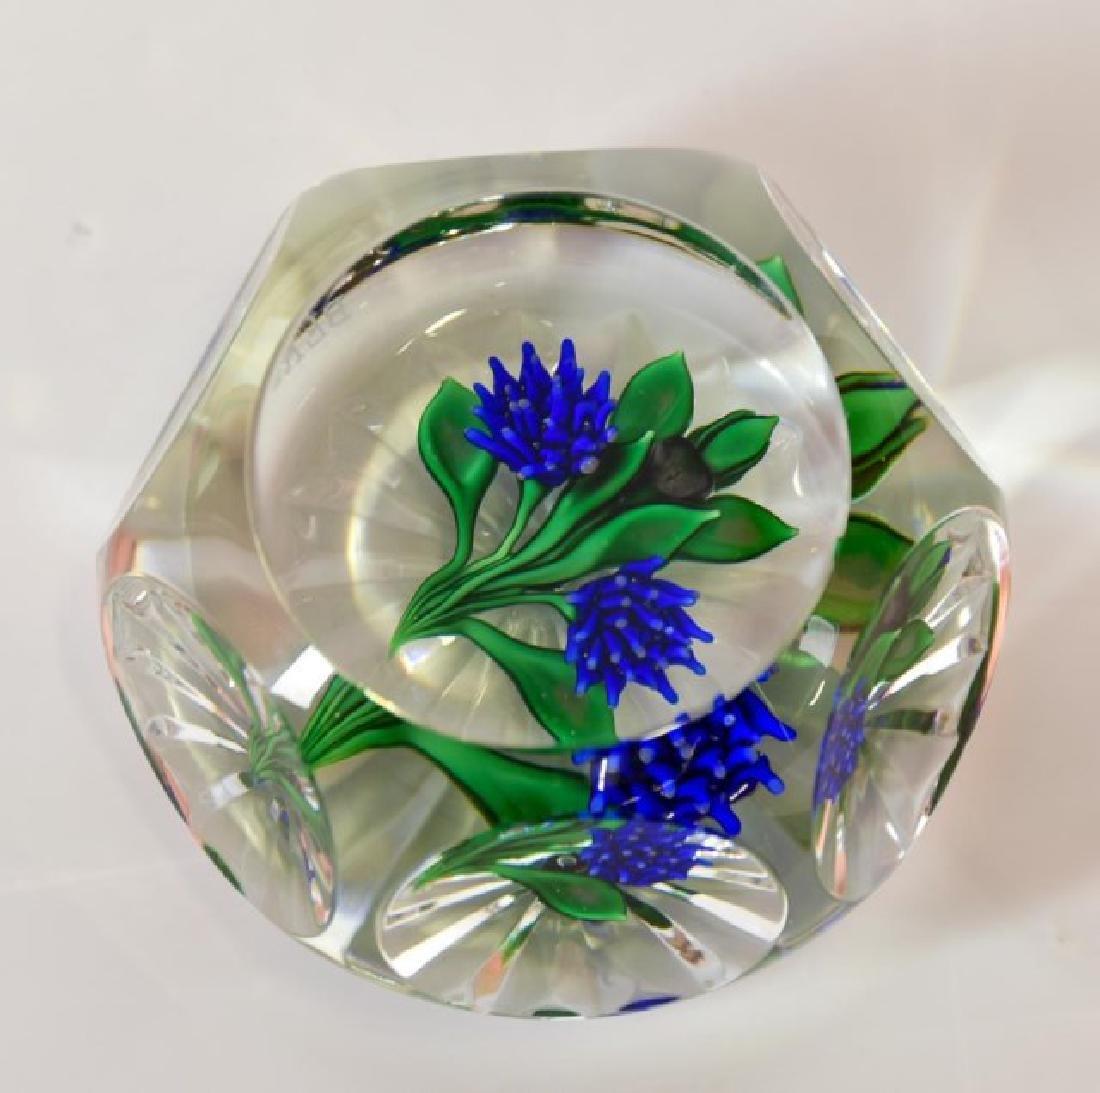 St. Louis Art Glass Paperweight